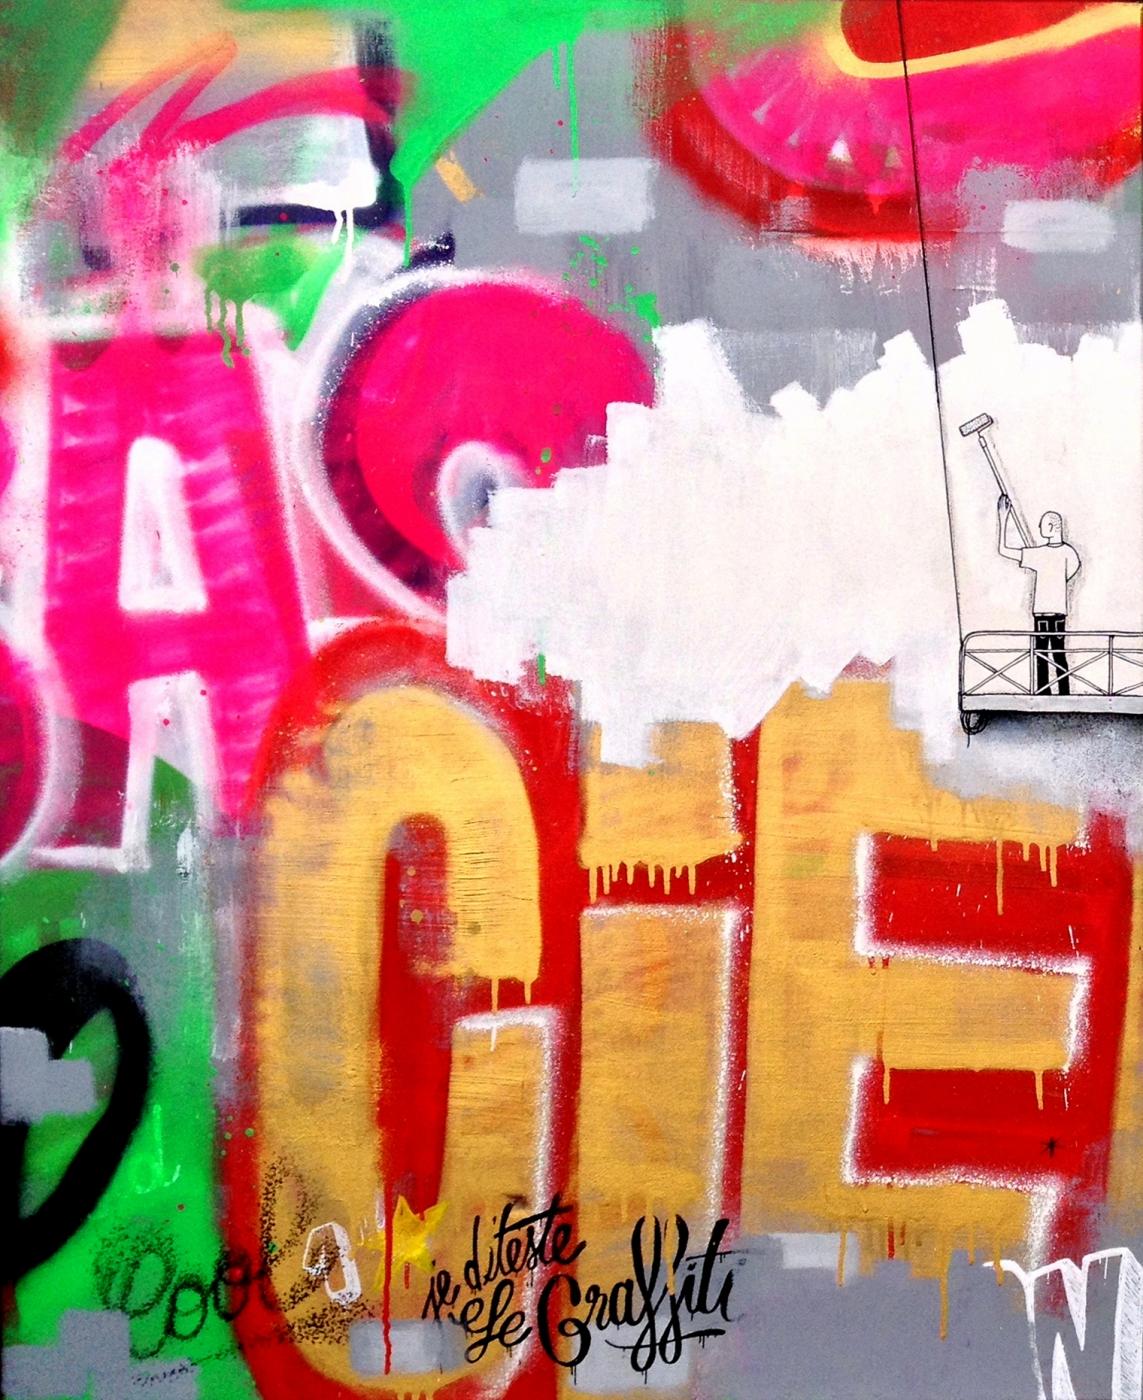 Je déteste le graffiti 0A